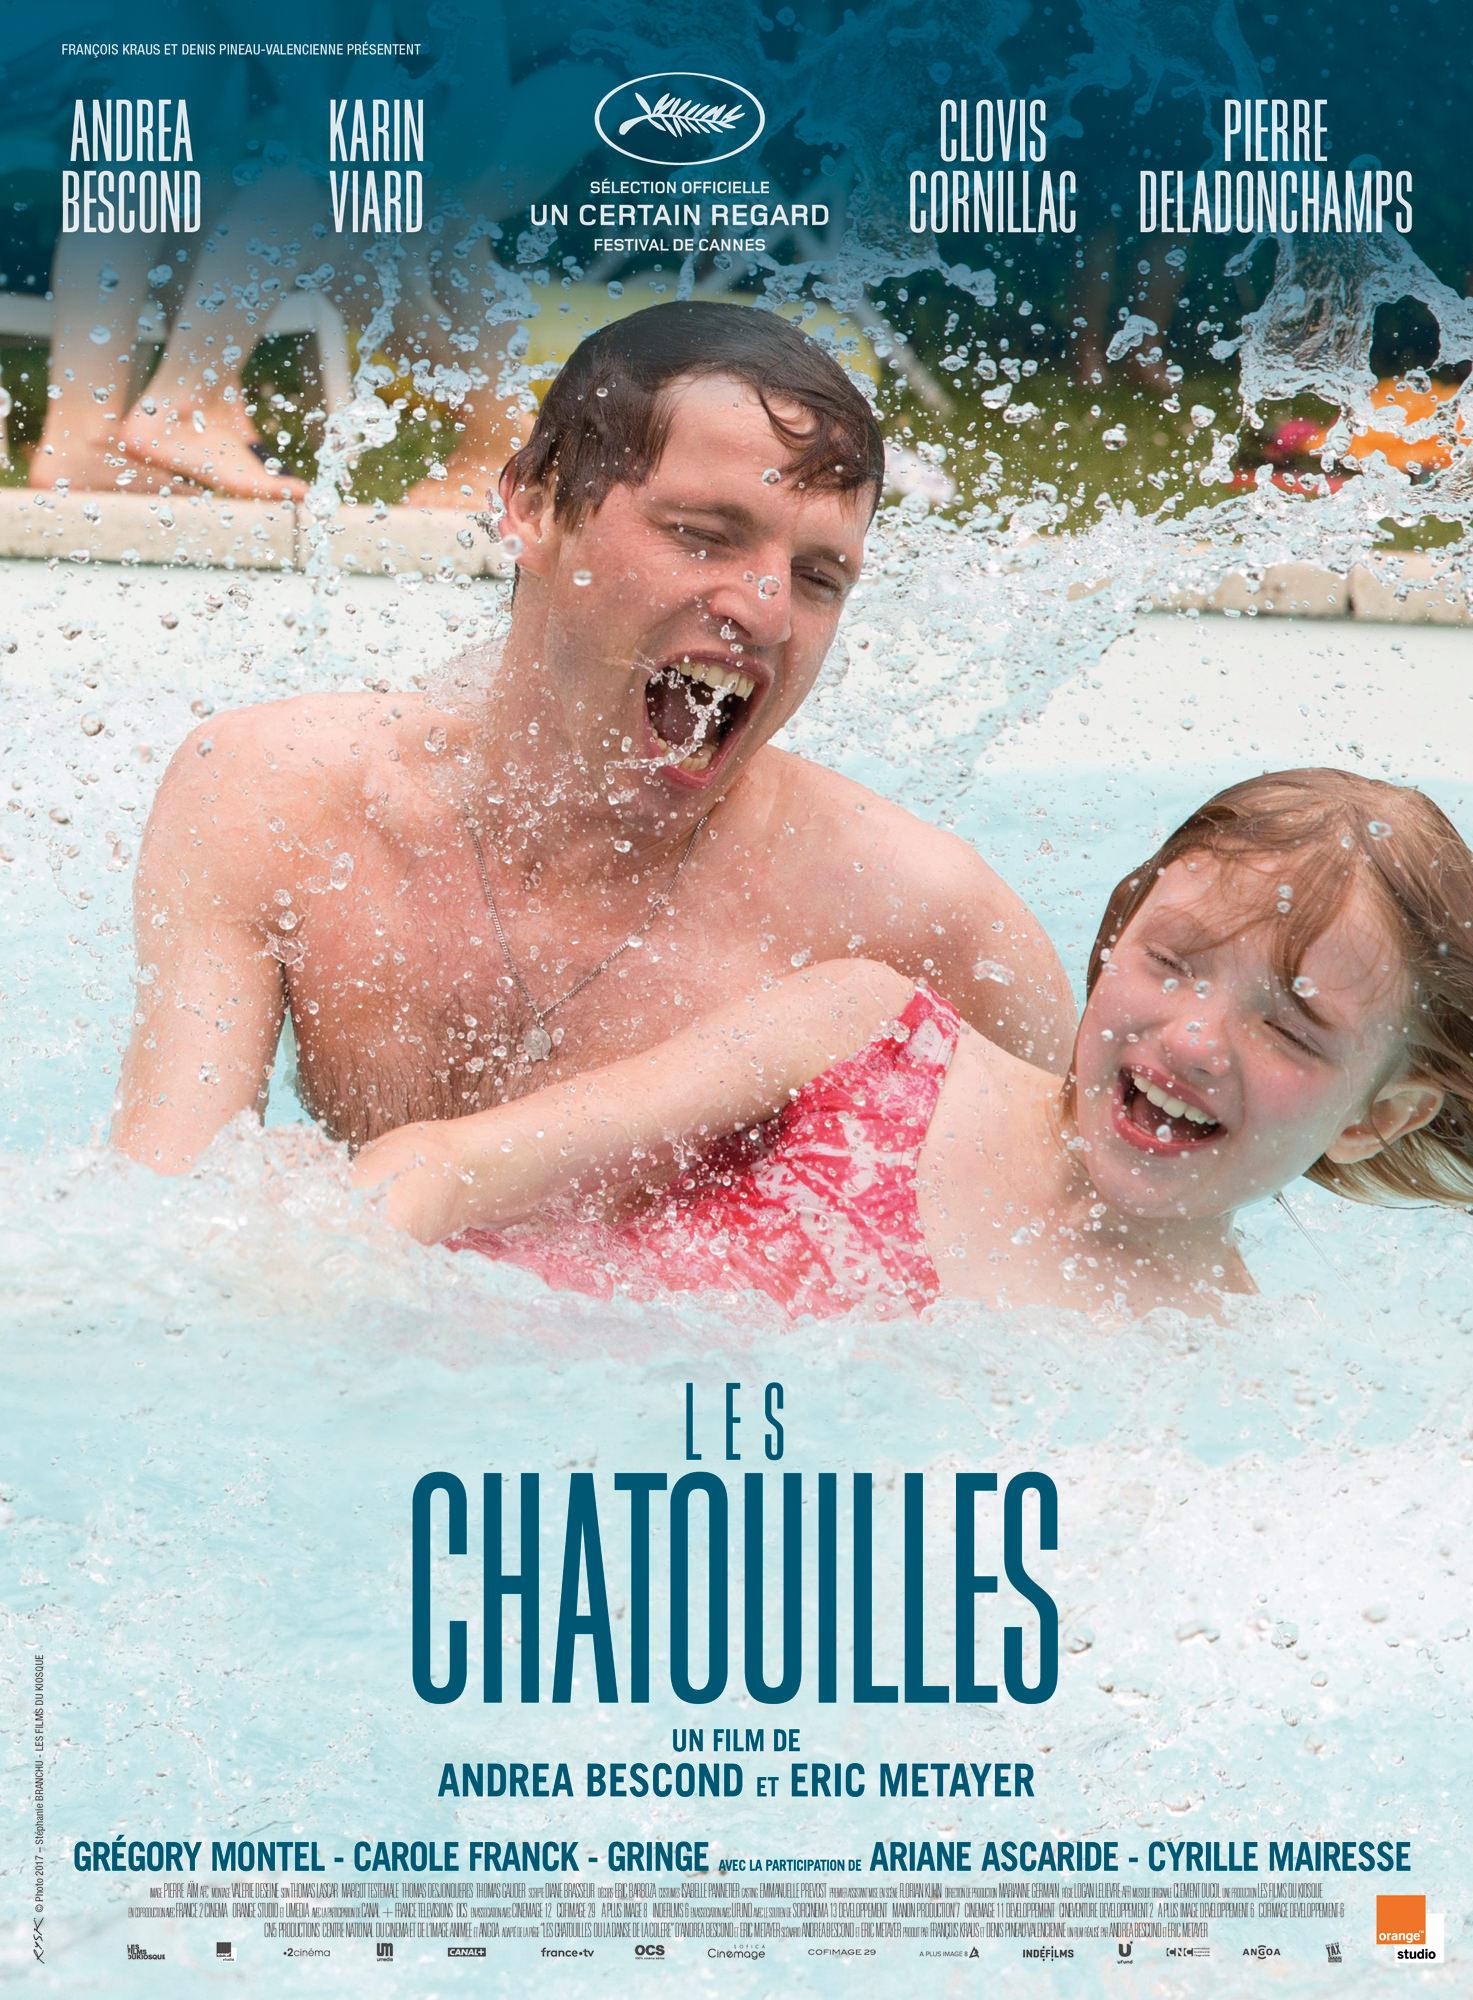 Les Chatouilles - Affiche Cannes 2018